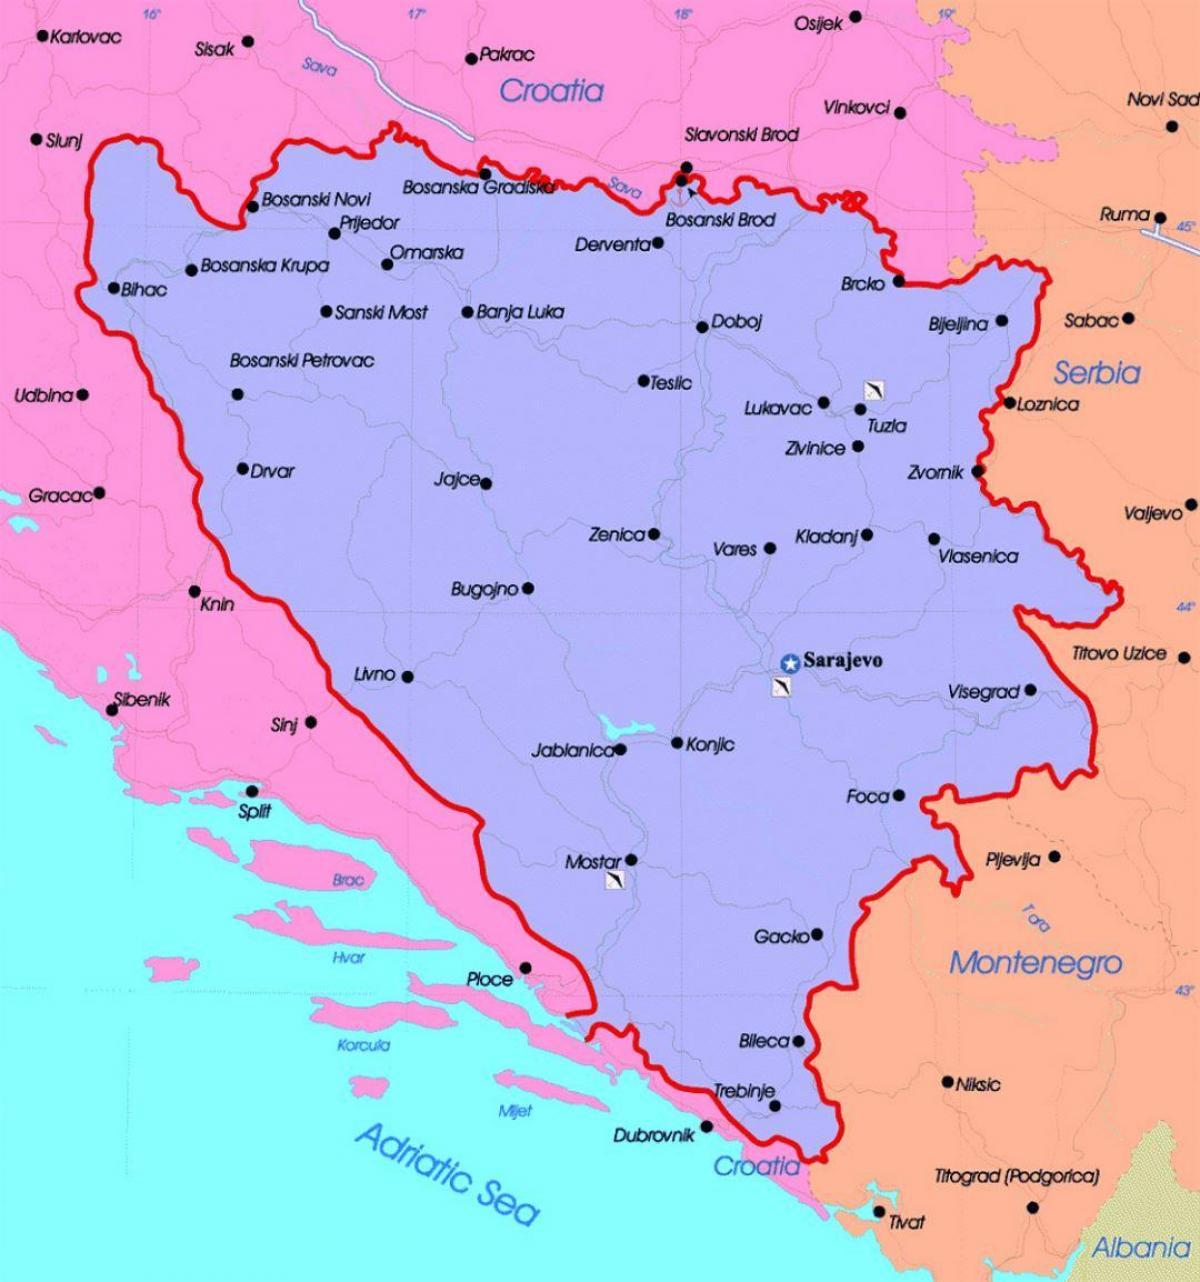 Bosnia Mapa Politic Bosnia I Hercegovina Mapa Politic Sud D